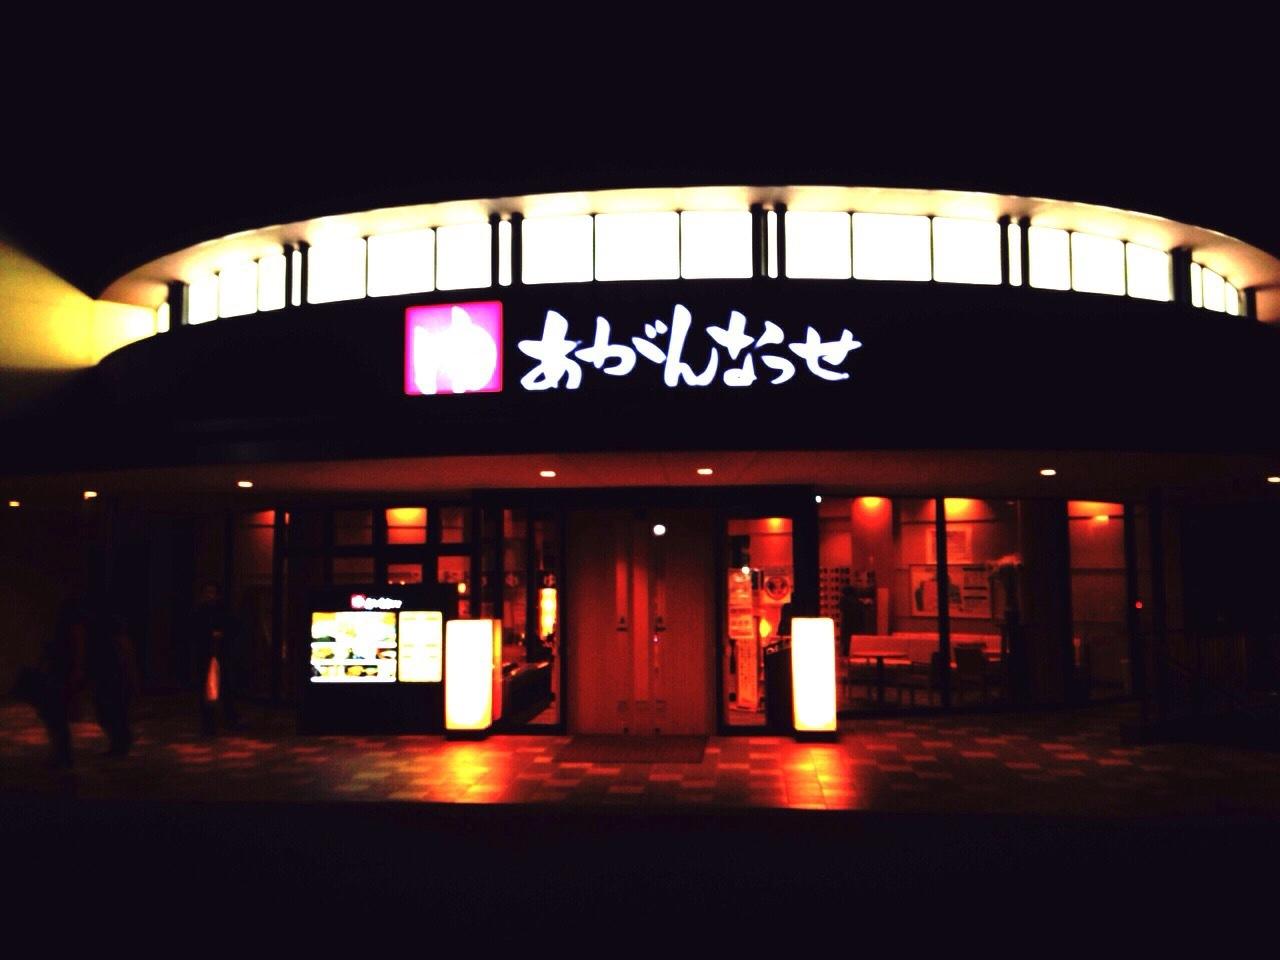 菊南温泉スパリゾート「あがんなっせ」_e0184224_15242371.jpg